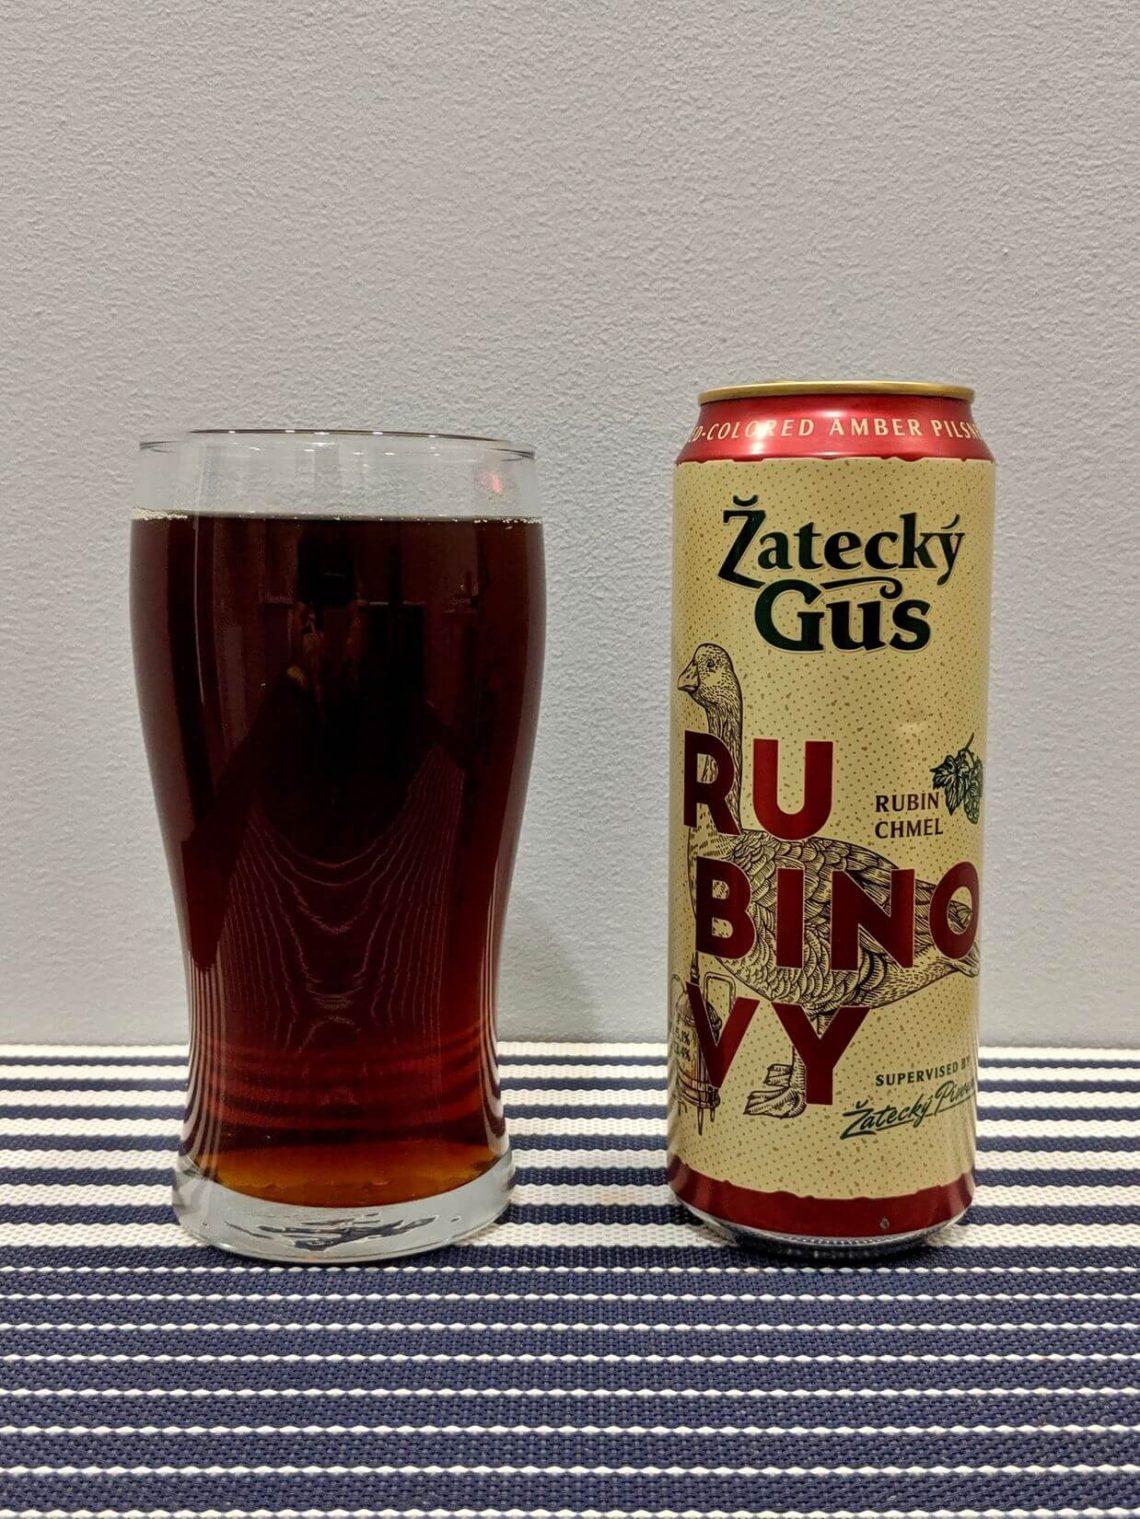 пиво жатецкий гусь рубиновый в стакане